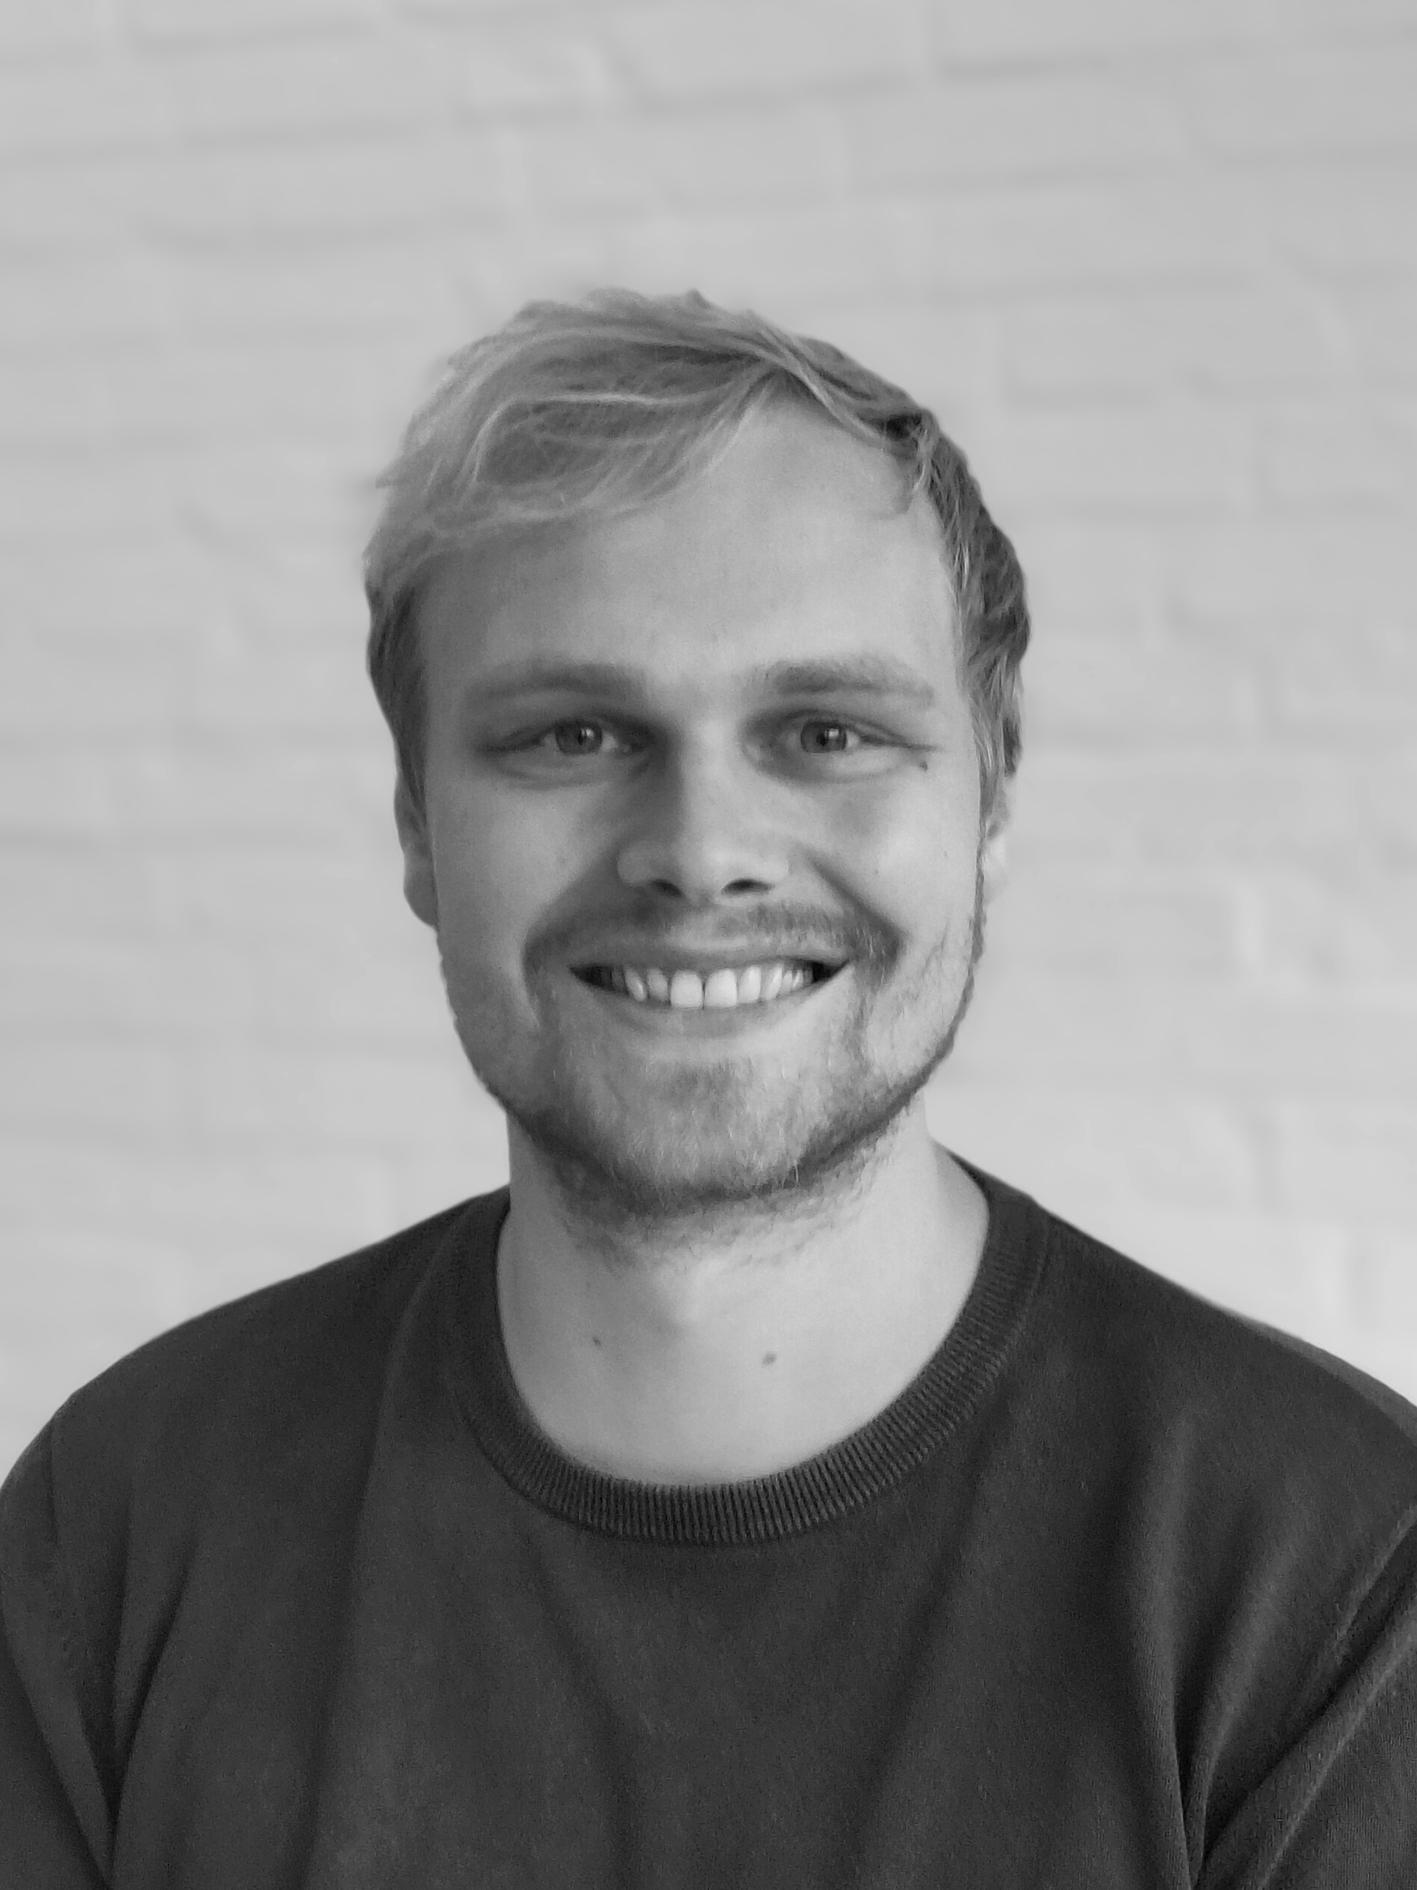 Christian Kjeldsen Kryger